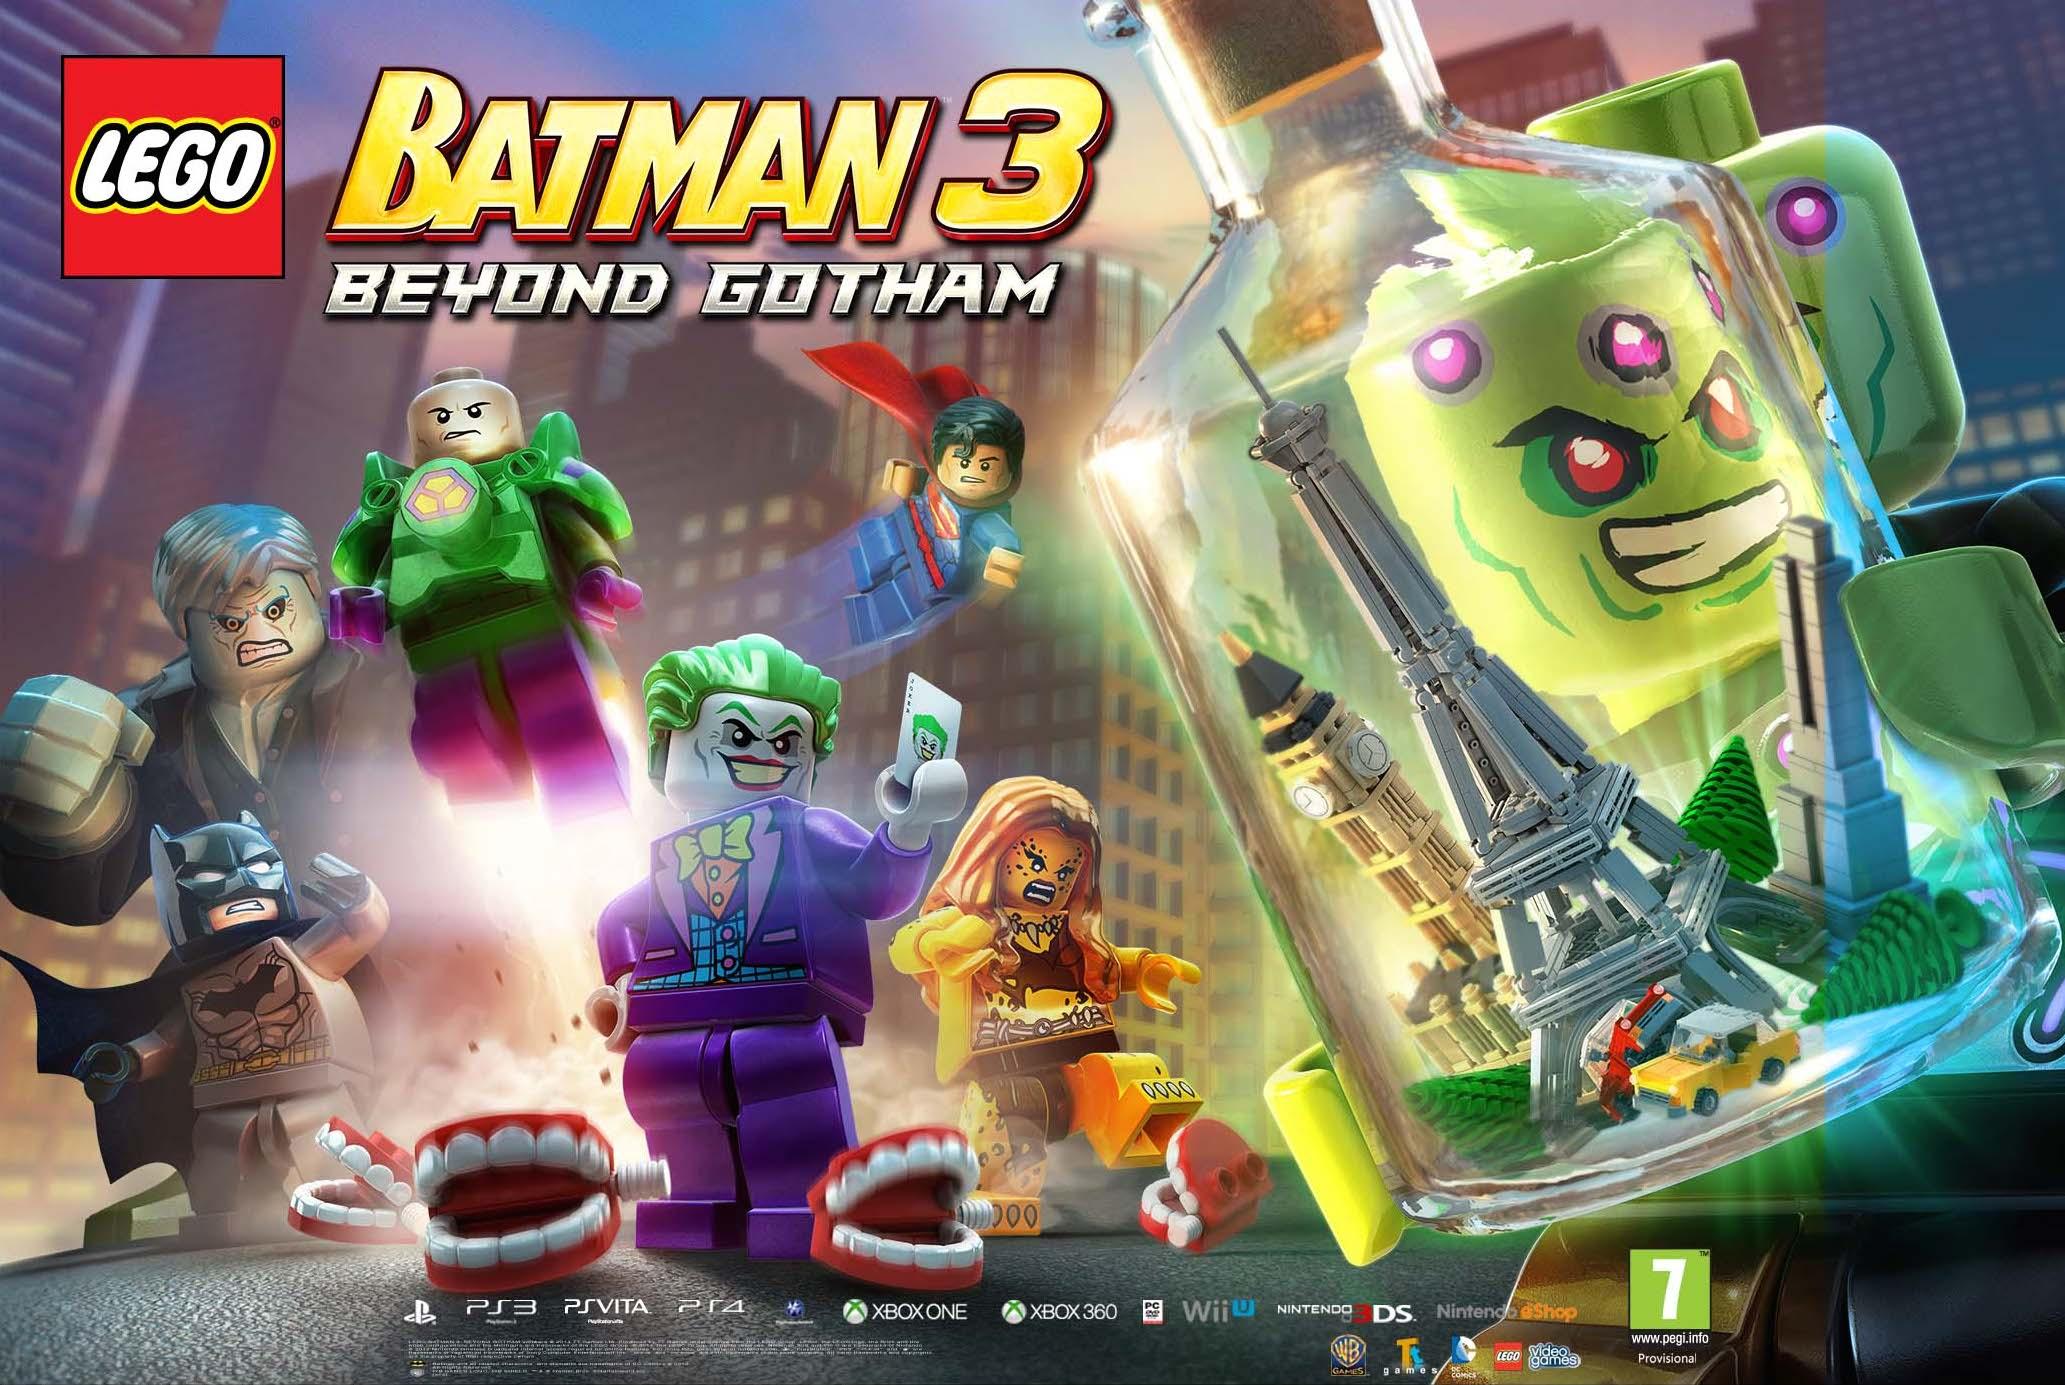 lego-batman-3-beyond-gotham-legion-of-doom-artwork